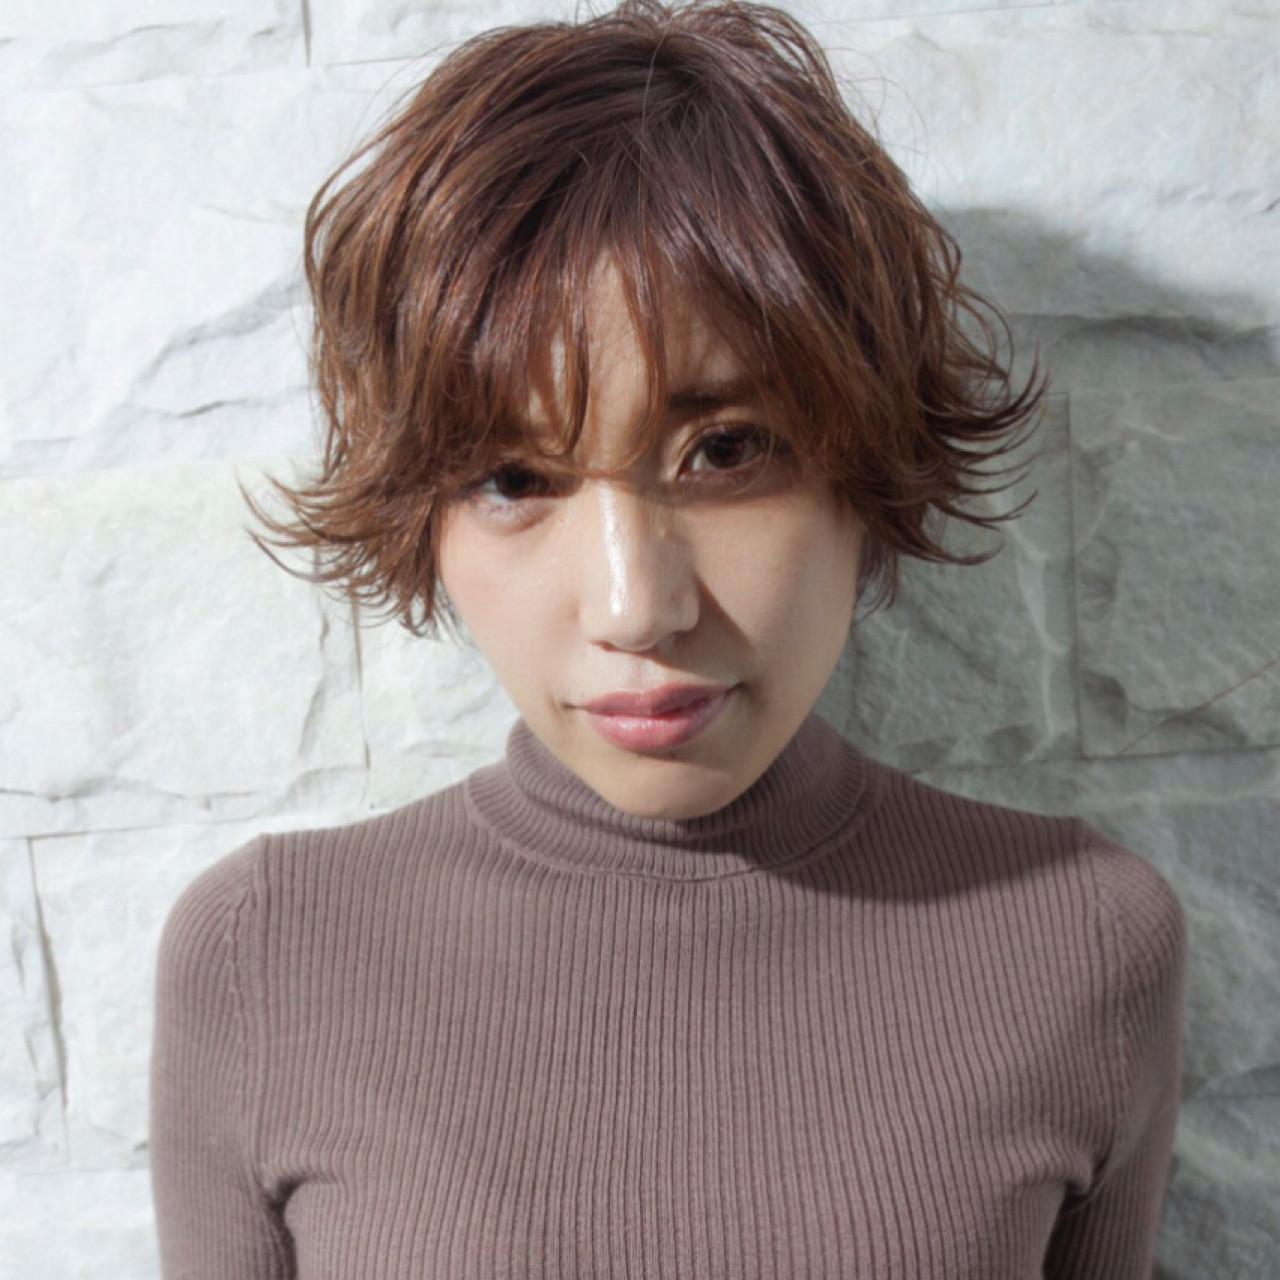 小顔 冬 こなれ感 うざバング ヘアスタイルや髪型の写真・画像 | yuunn /